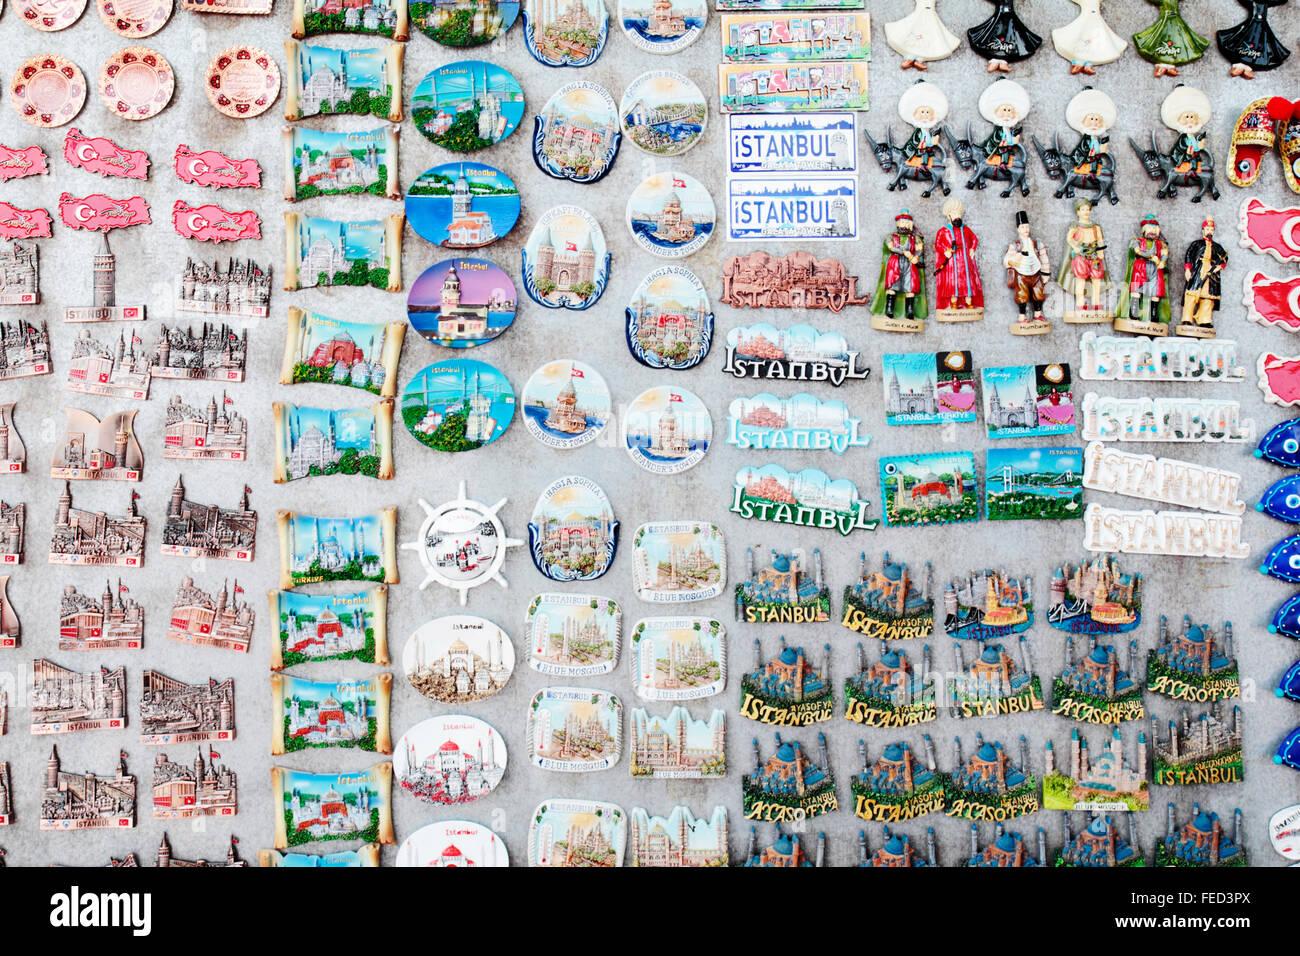 Kühlschrank Magnete : Kühlschrank magnete von istanbul und die türkei istanbul türkei